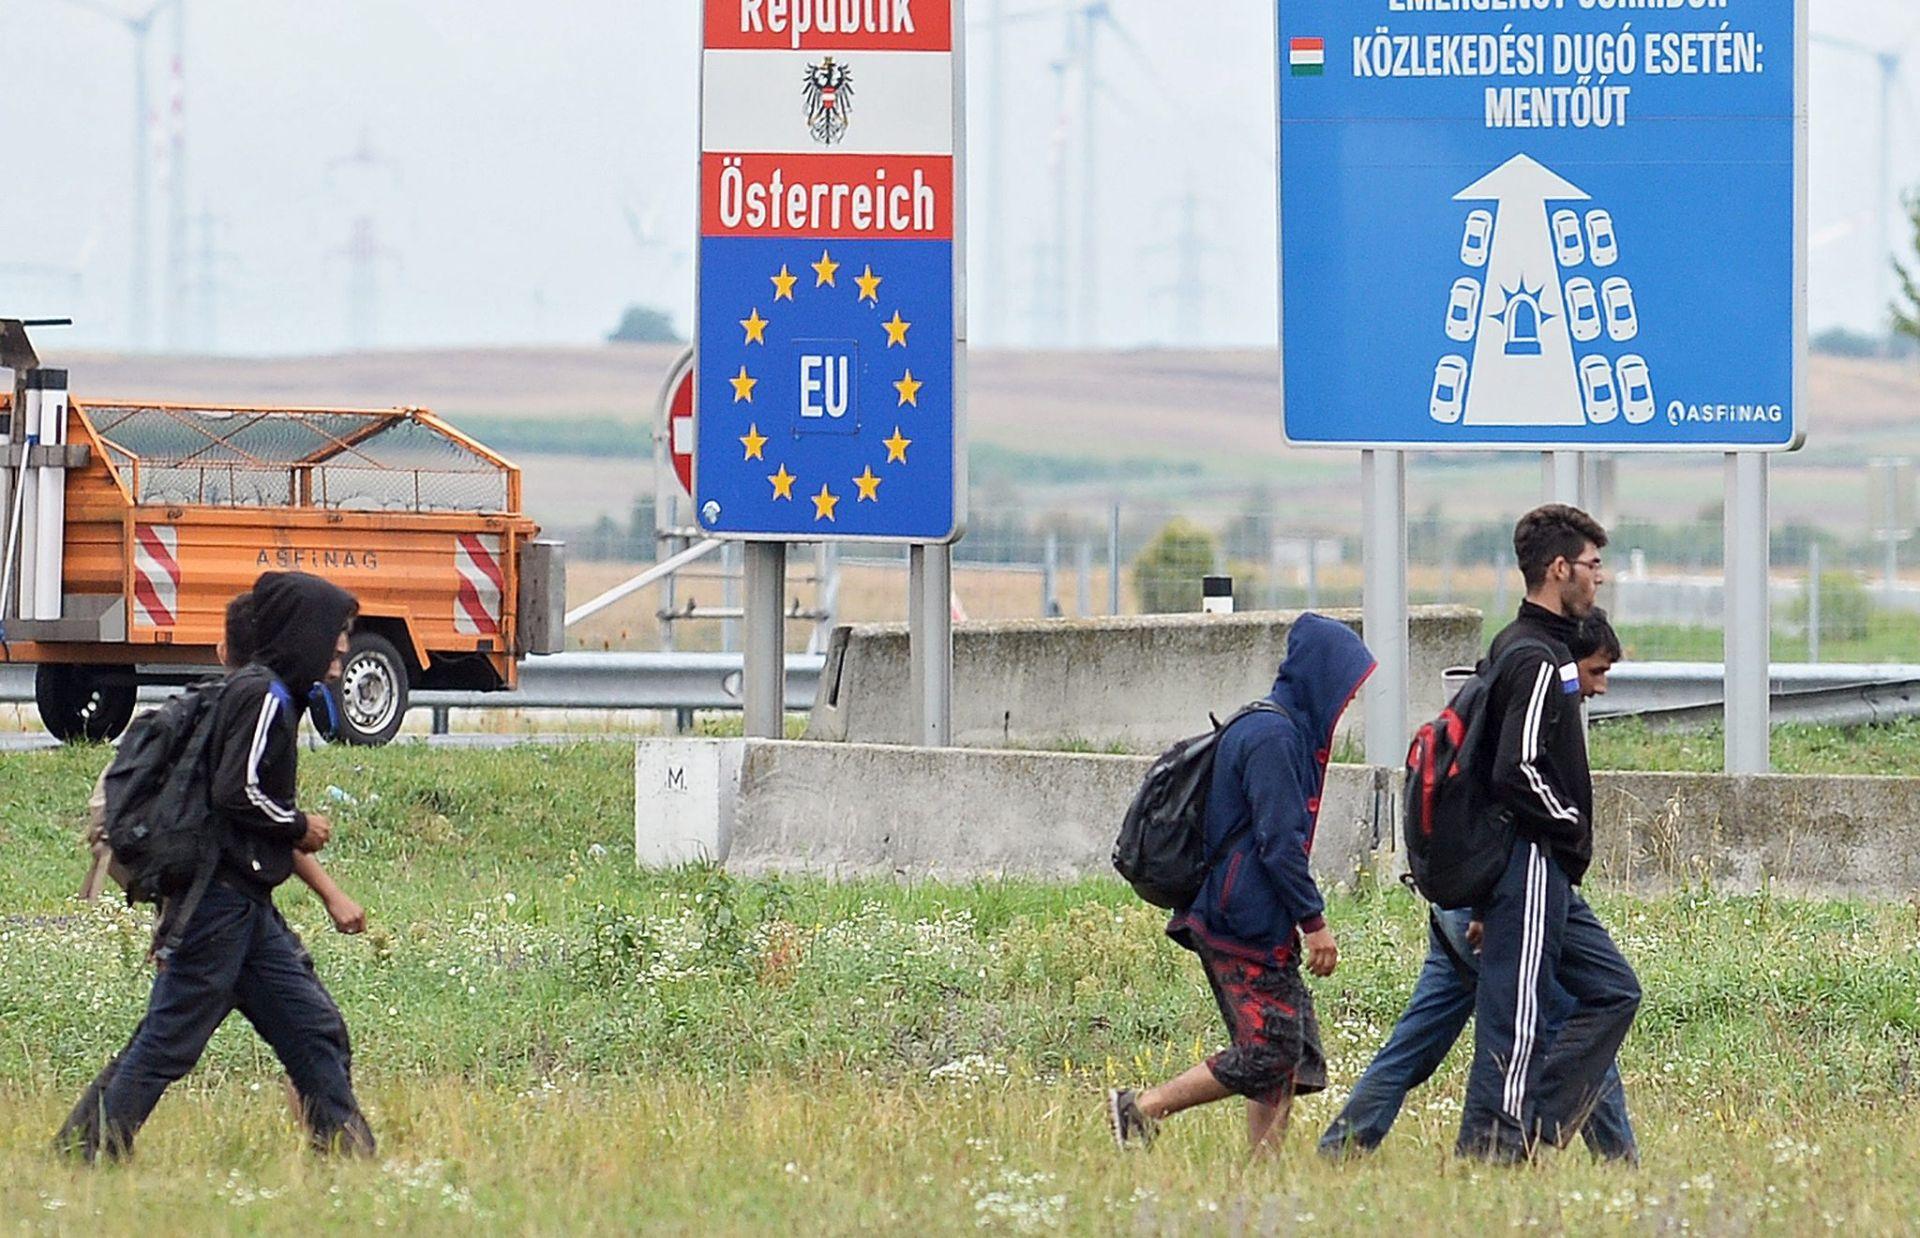 MAĐARSKA UKINULA AUTOBUSE Nova skupina od oko tisuću izbjeglica krenula pješke prema Austriji